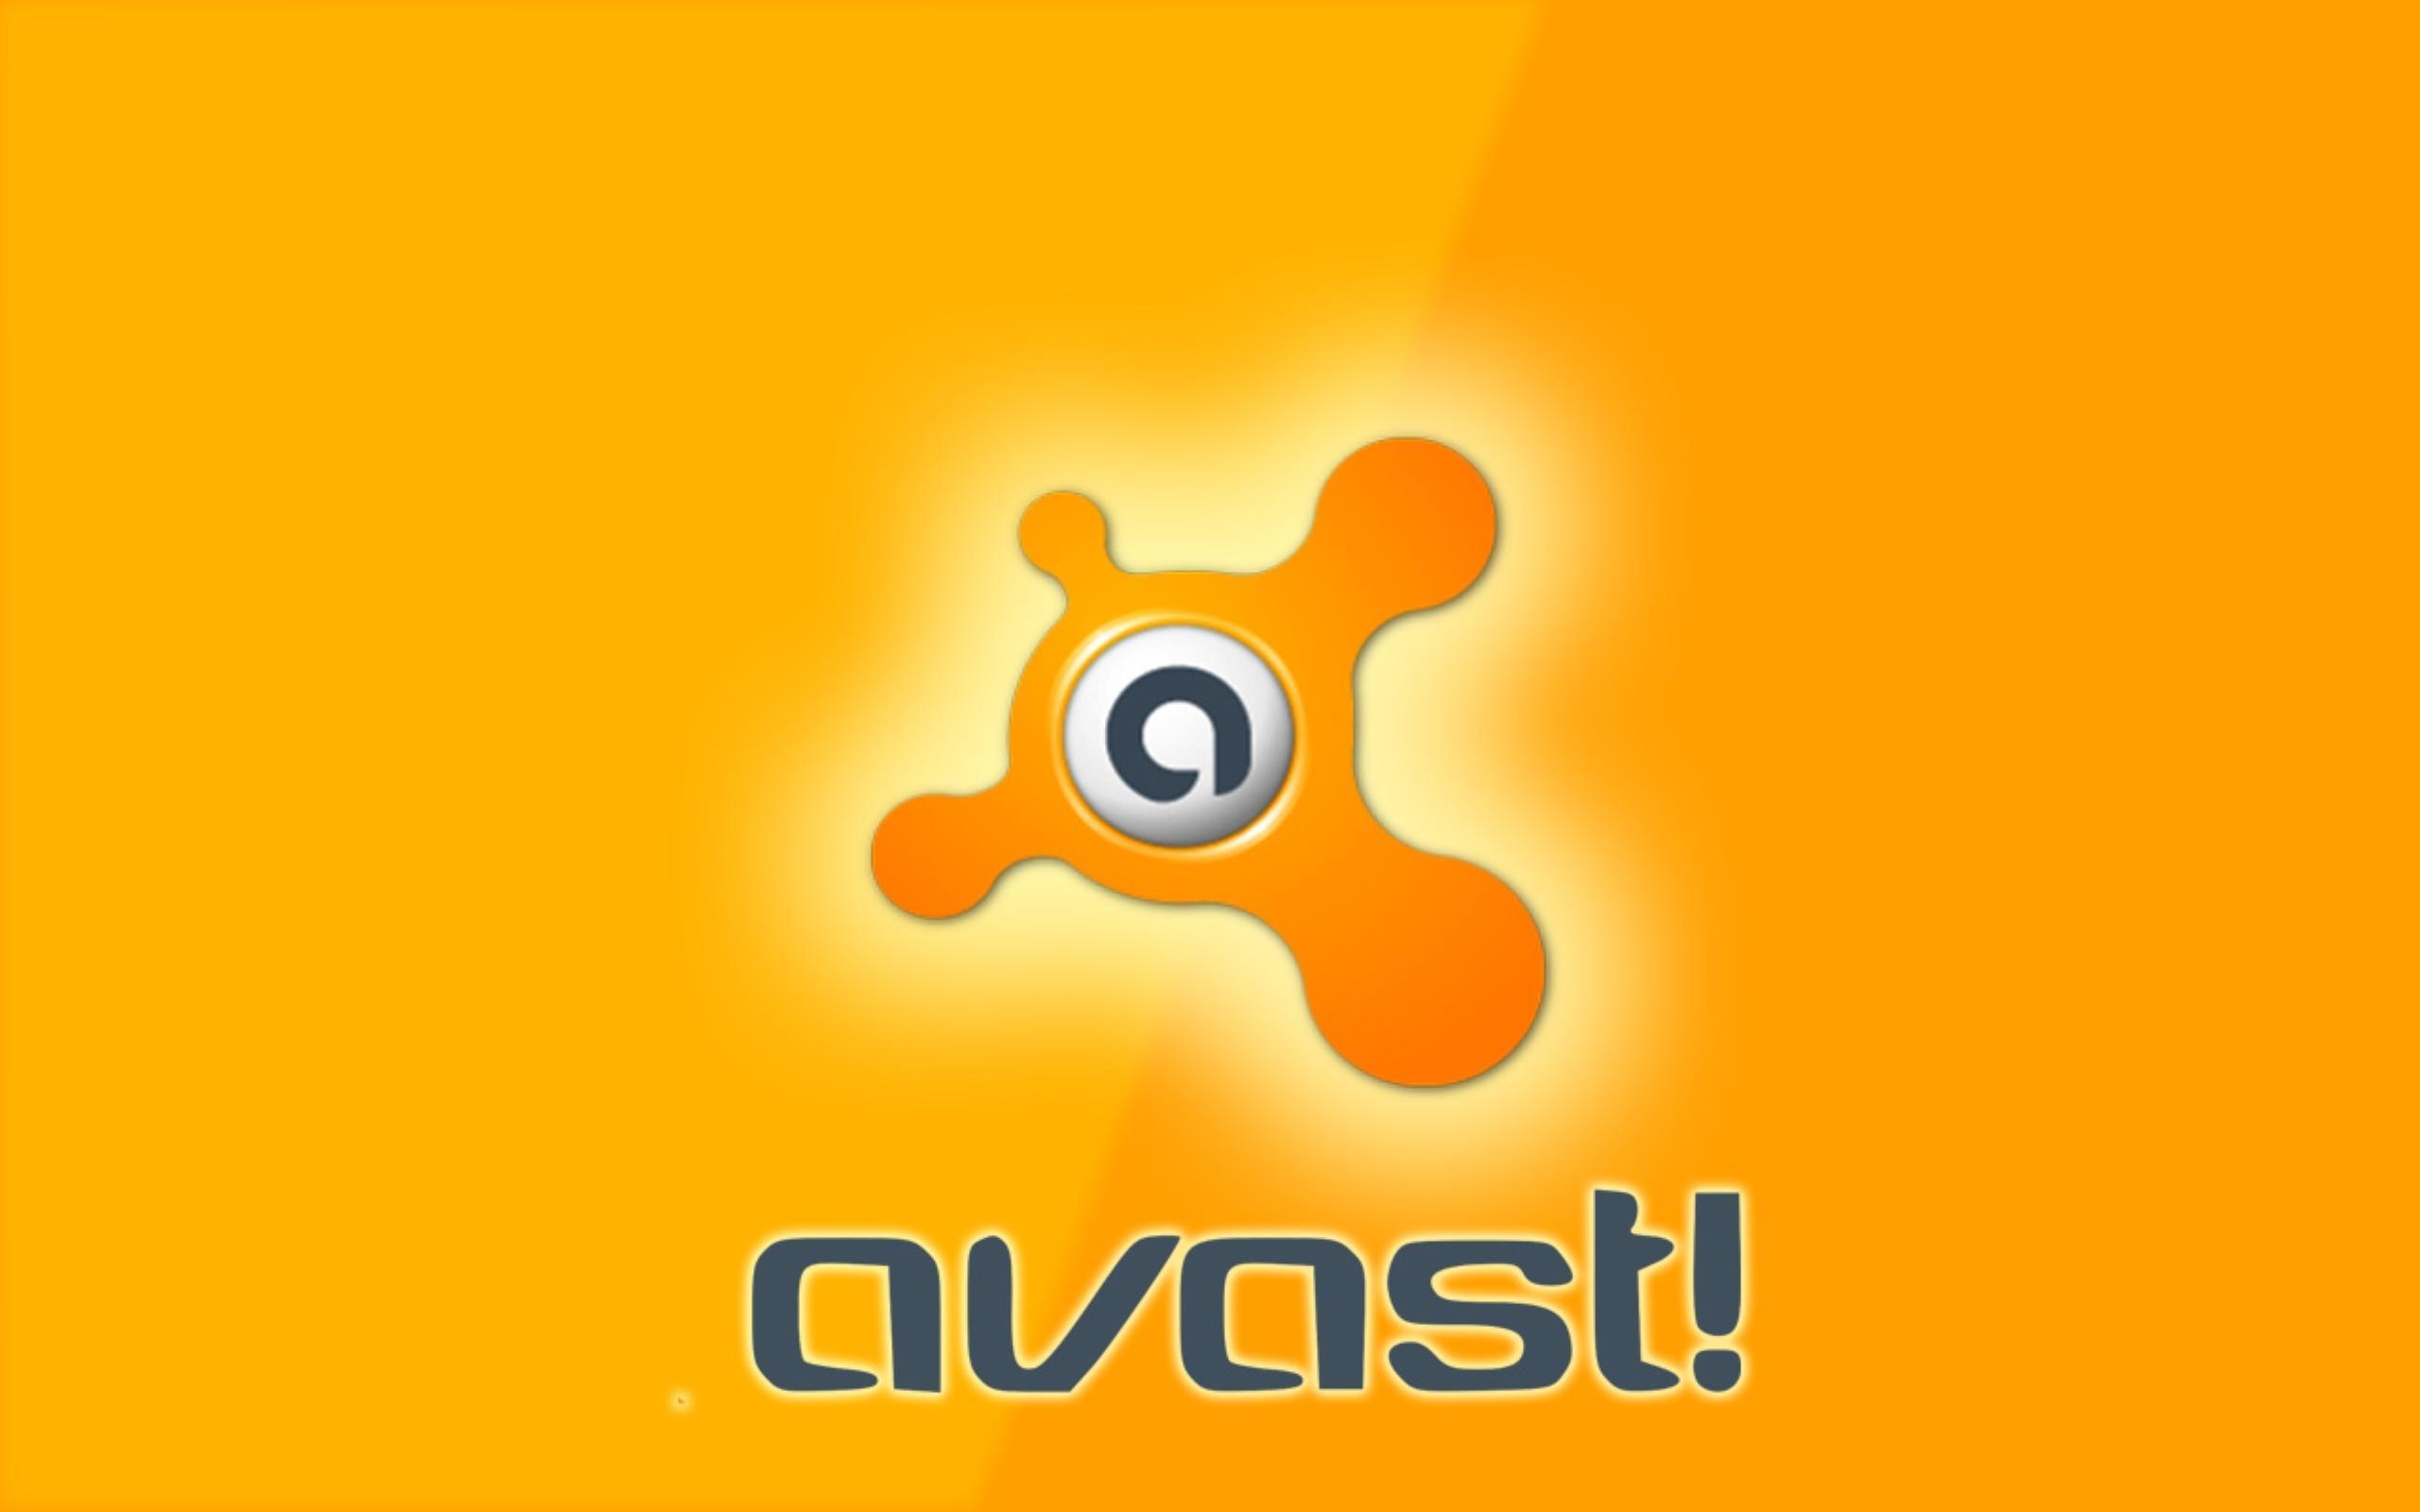 Как удалить антивирус аваст с компьютера полностью?